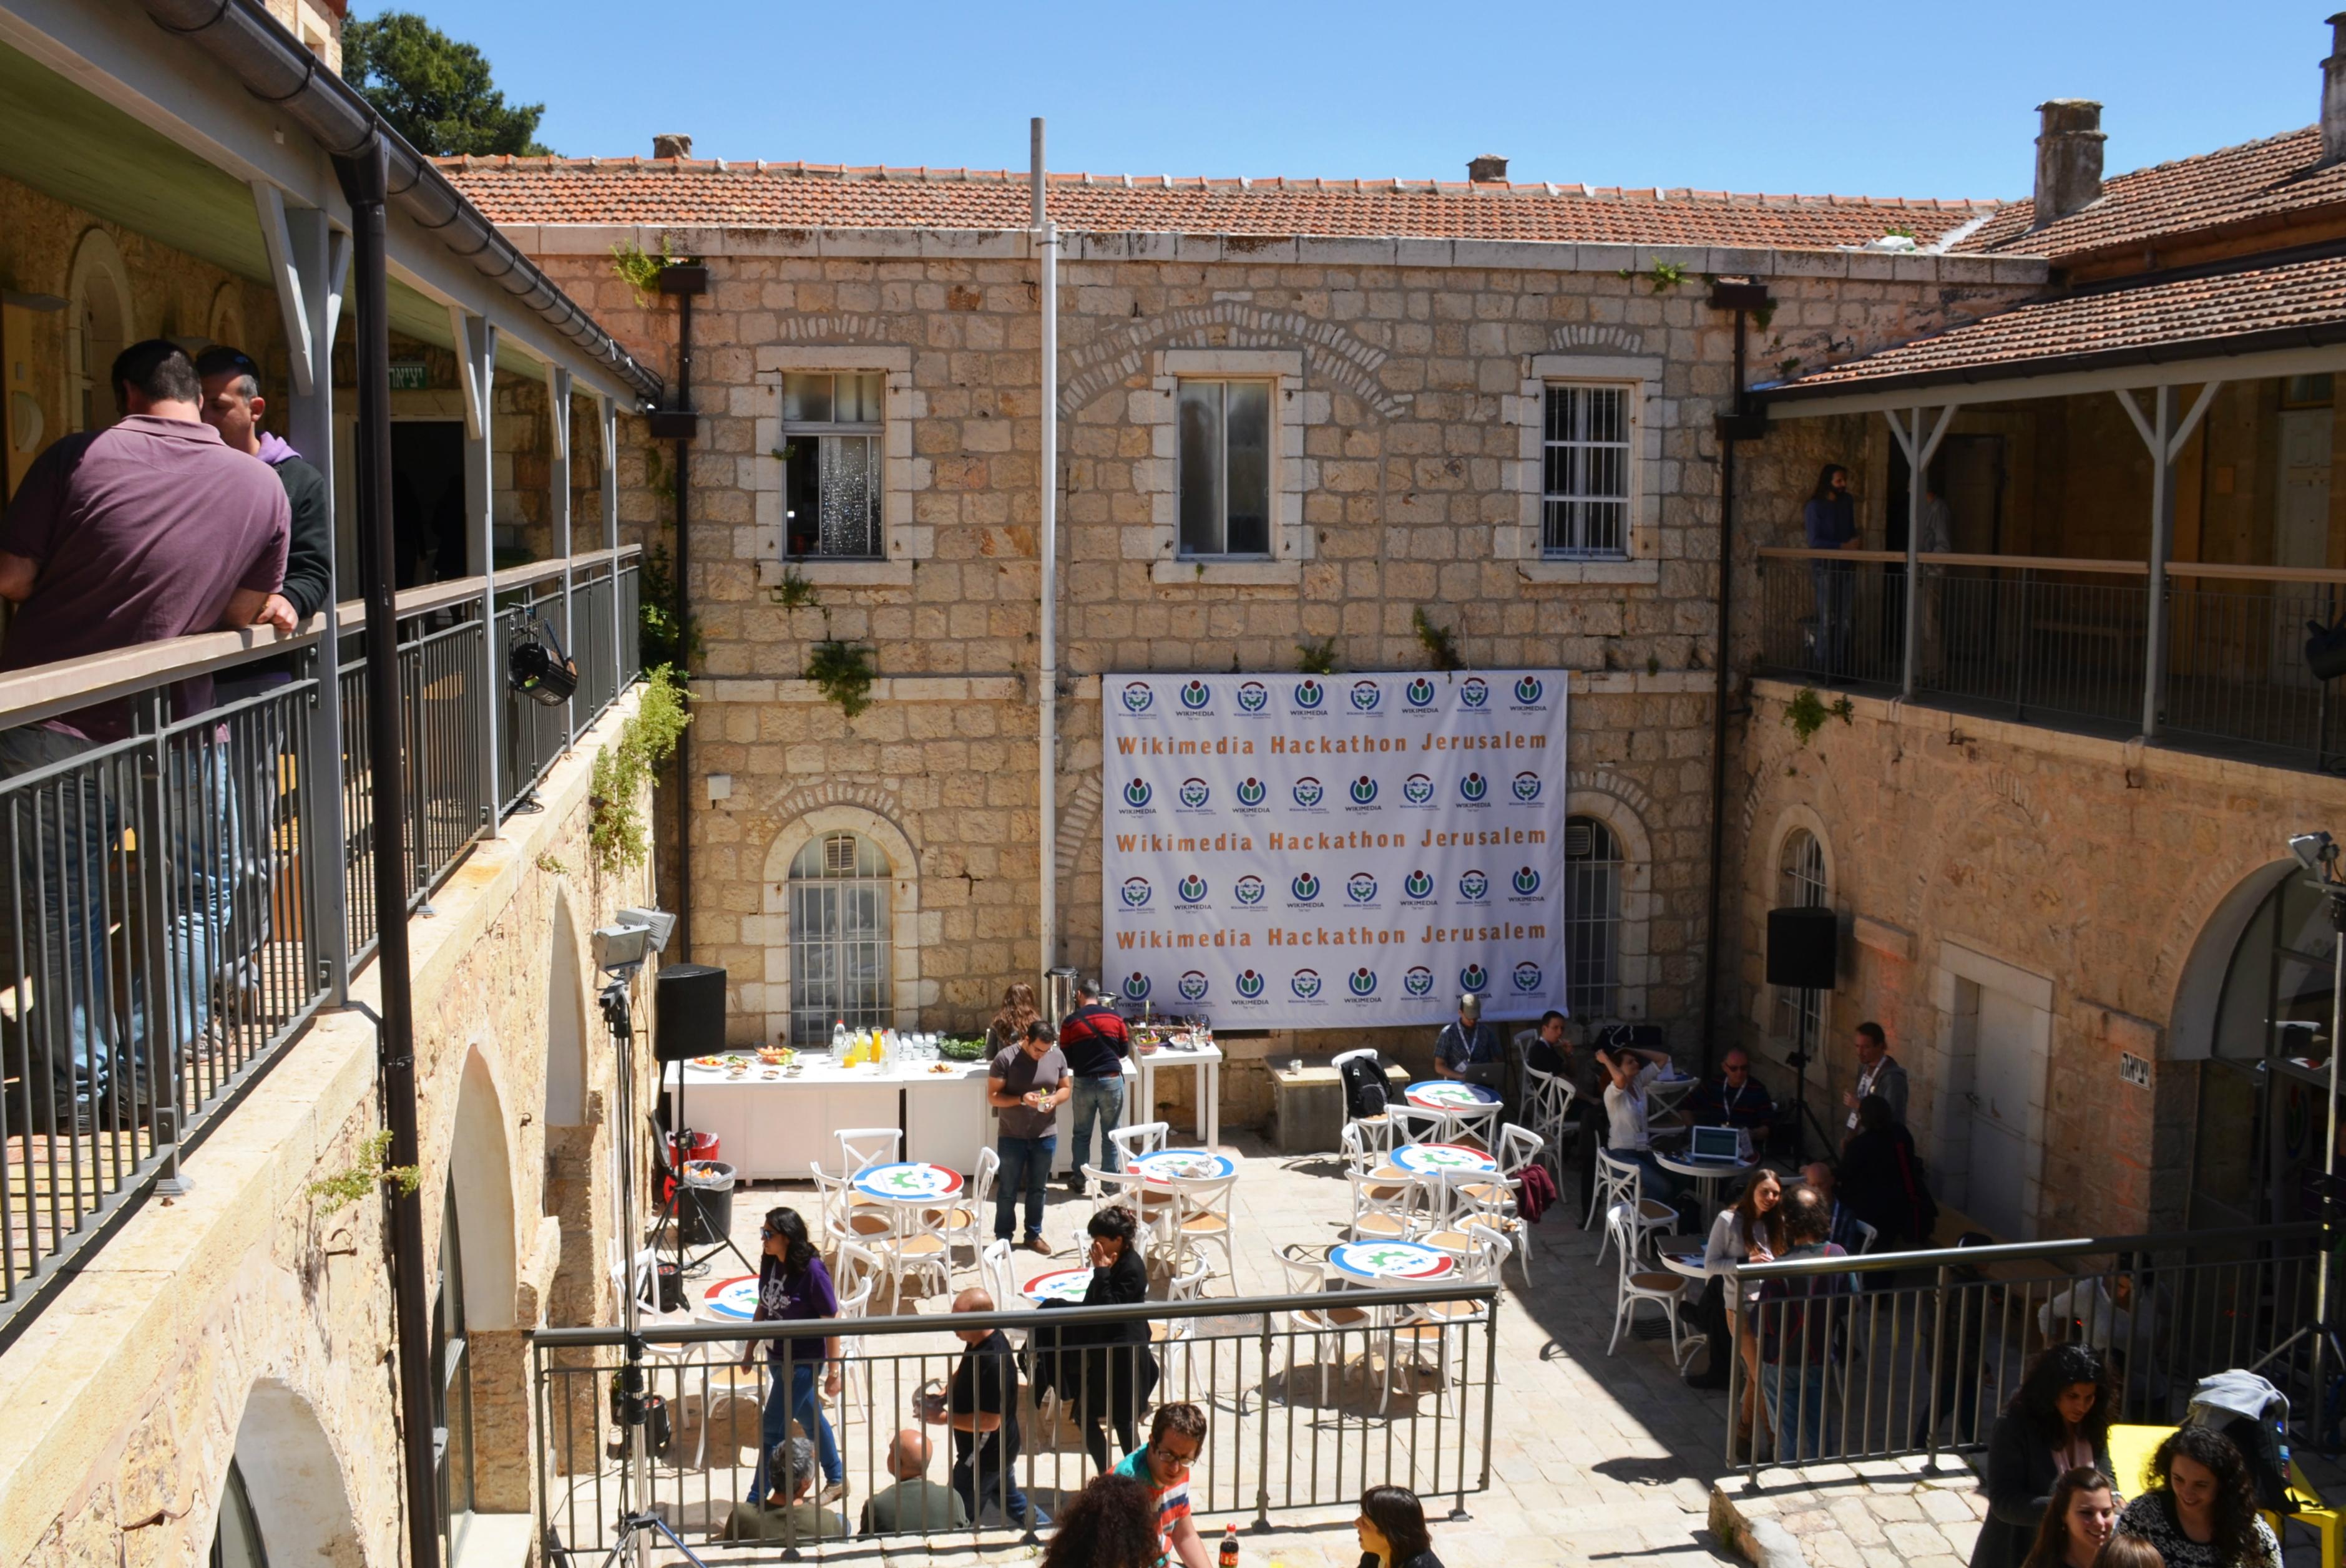 Hansen House courtyard Wikimedia Hackathon Jerusalem Israel